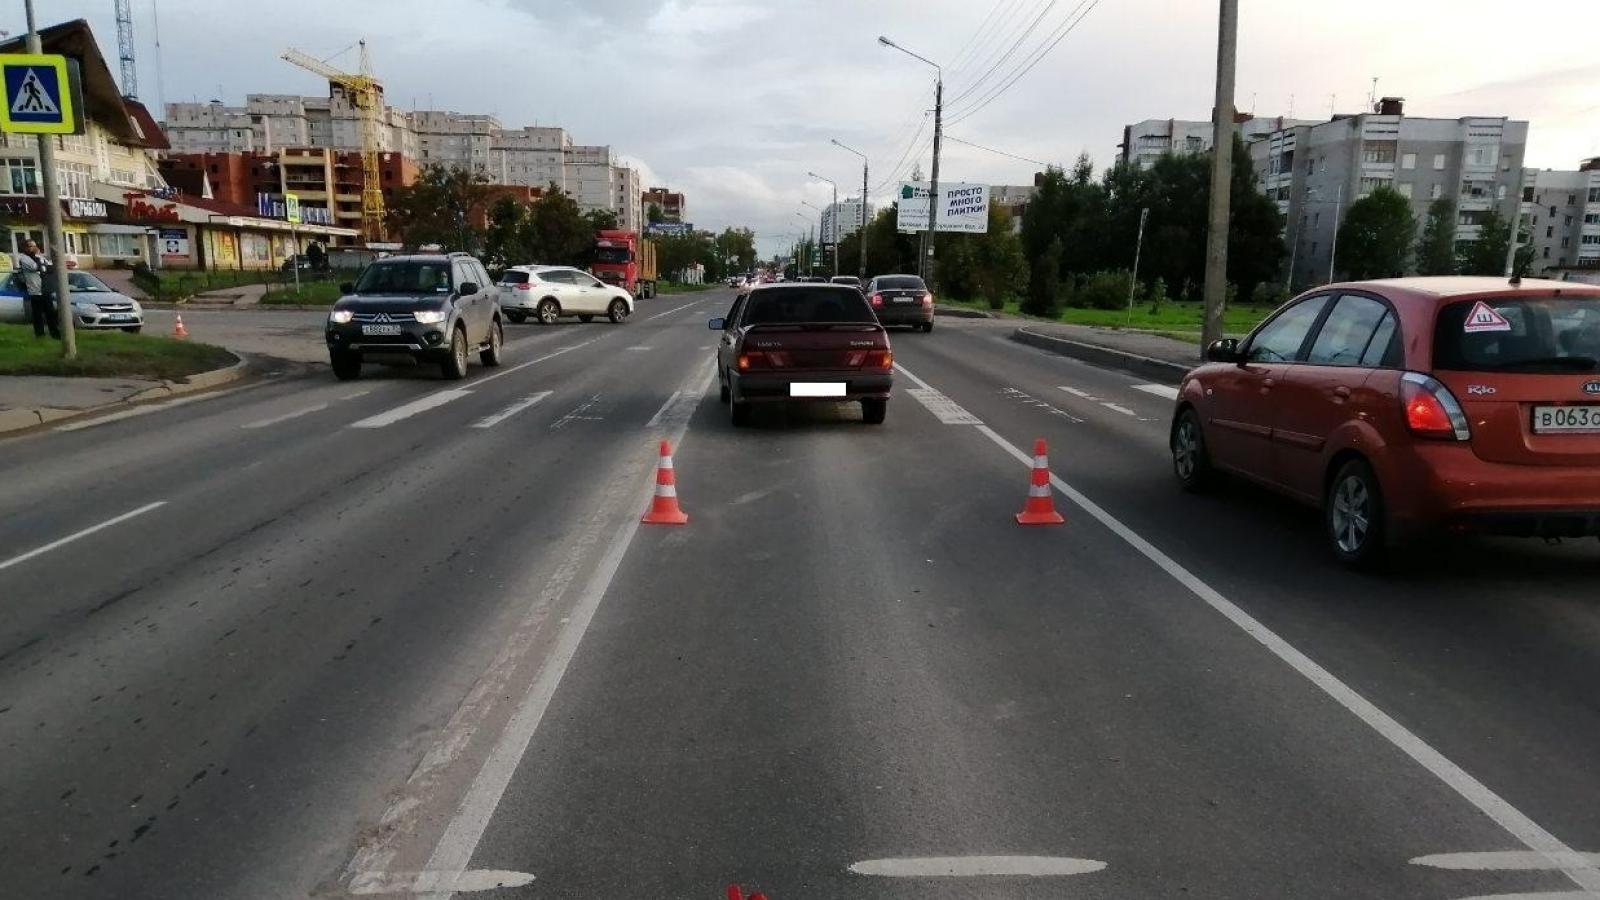 Водитель сбил 6-летнего ребенка на пешеходном переходе